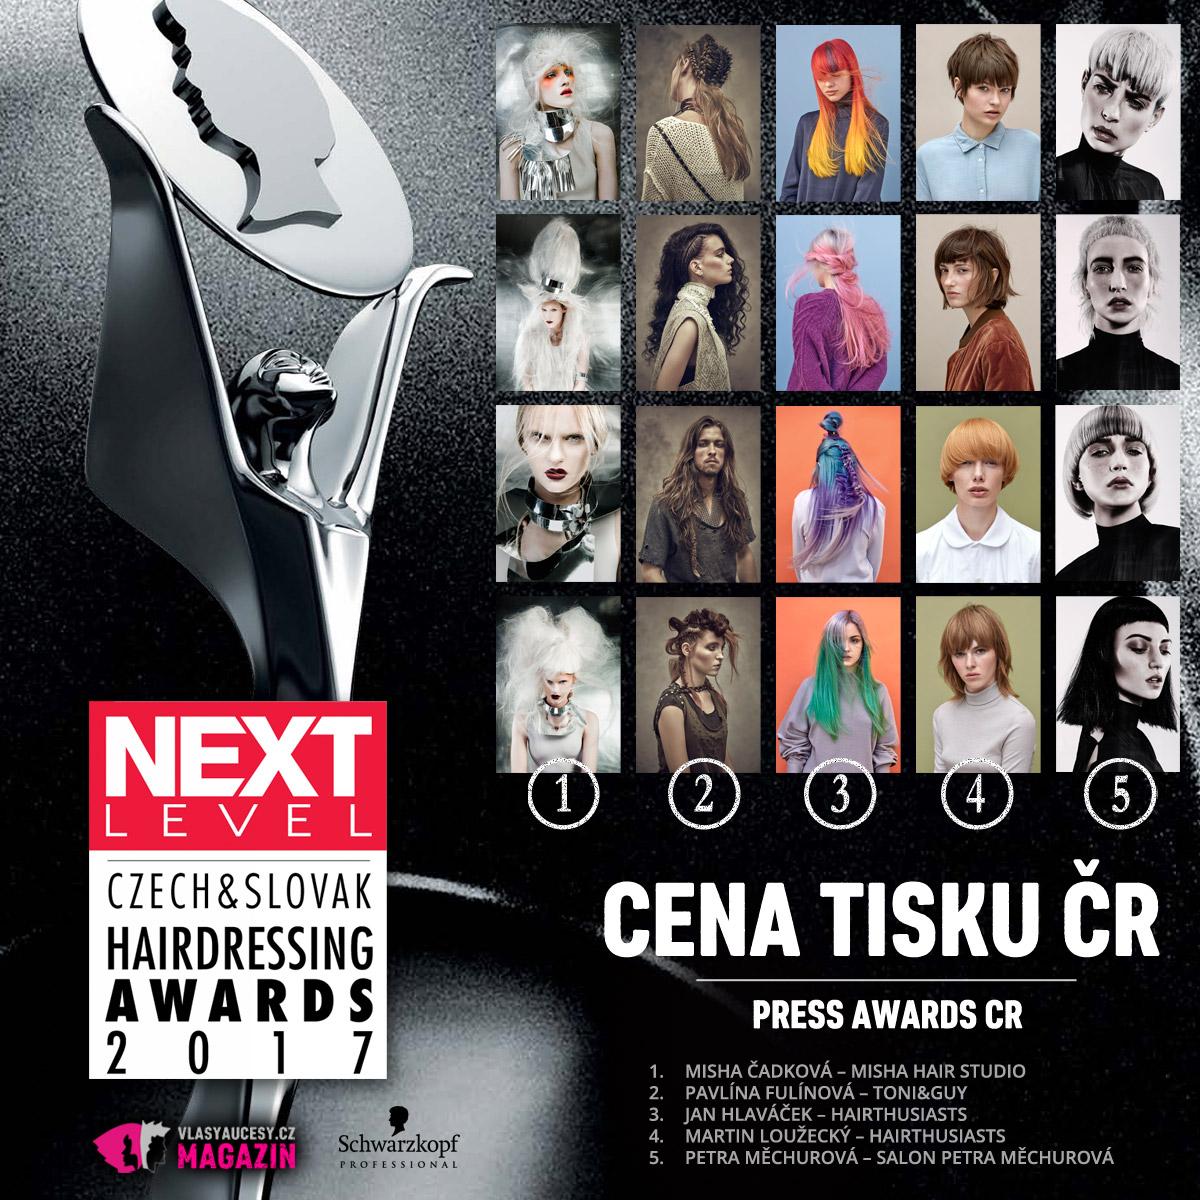 Czech&Slovak Hairdressing Awards 2017 – kategorie Cena tisku CZ 2017.